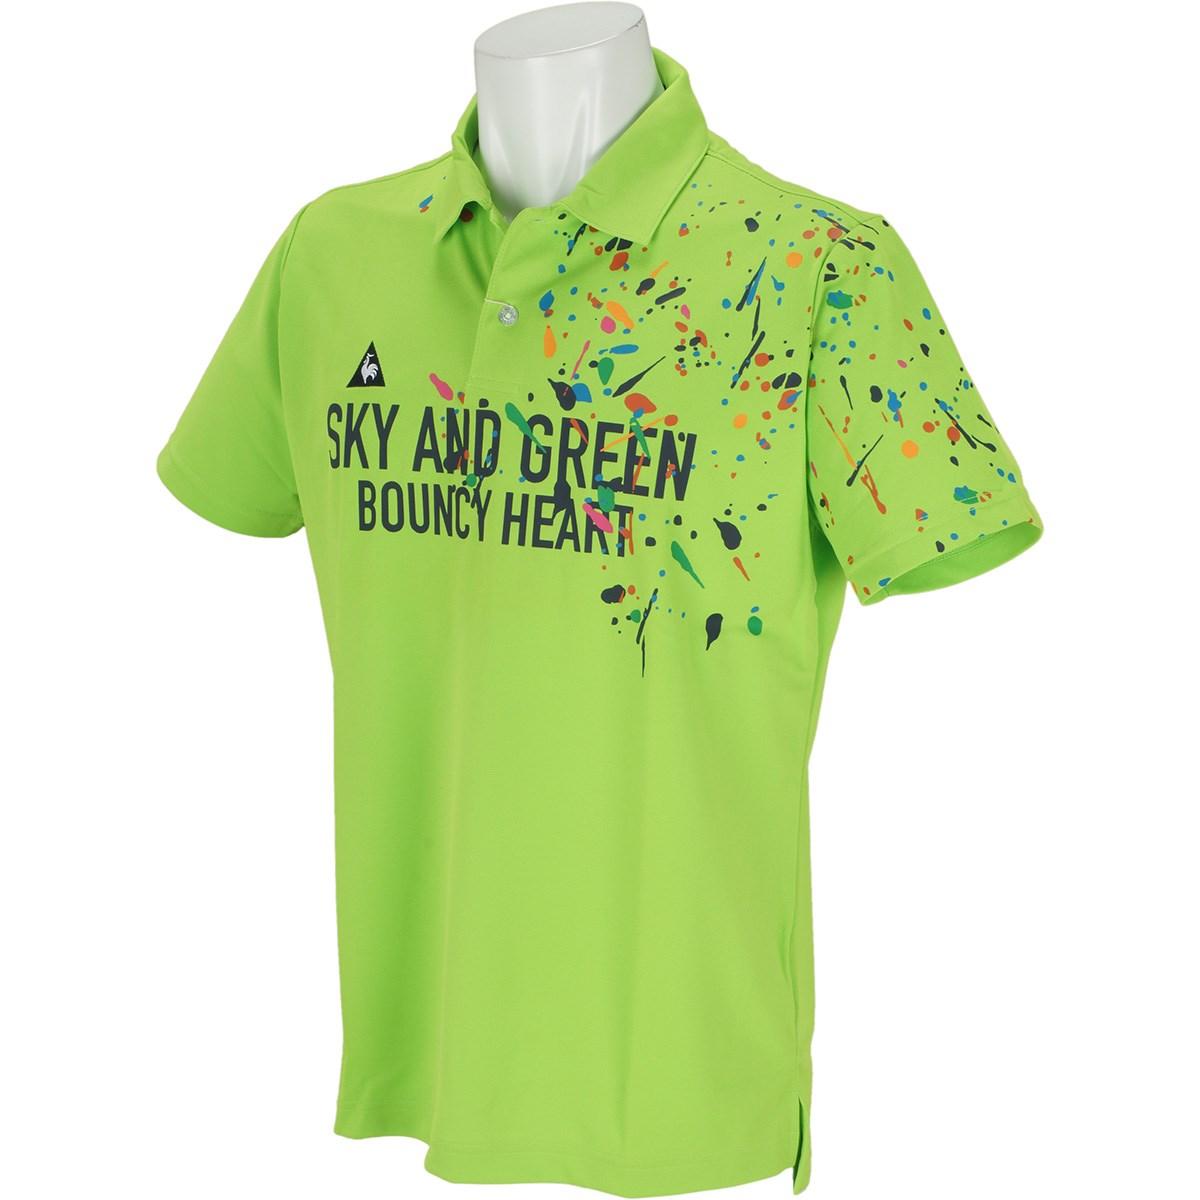 ルコックゴルフ Le coq sportif GOLF クーリストスプラッシュパネルプリント半袖ポロシャツ M グリーン 00